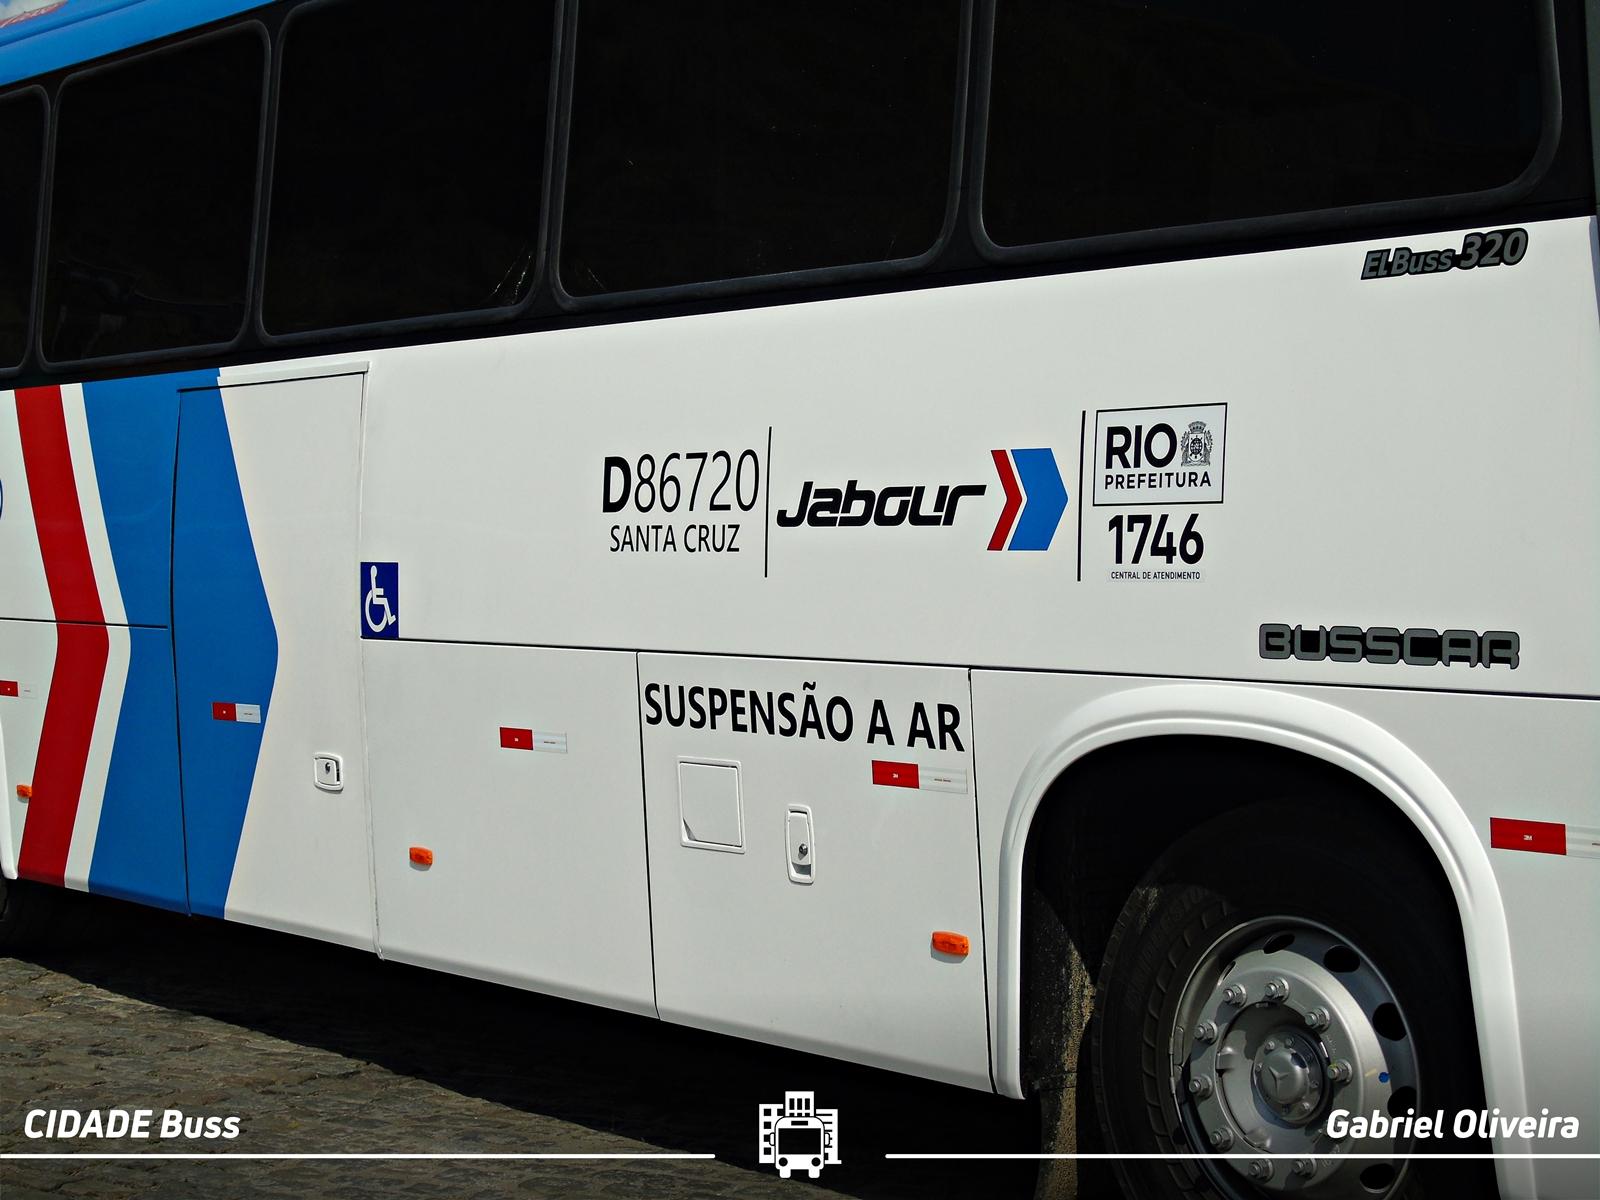 Cidade Buss